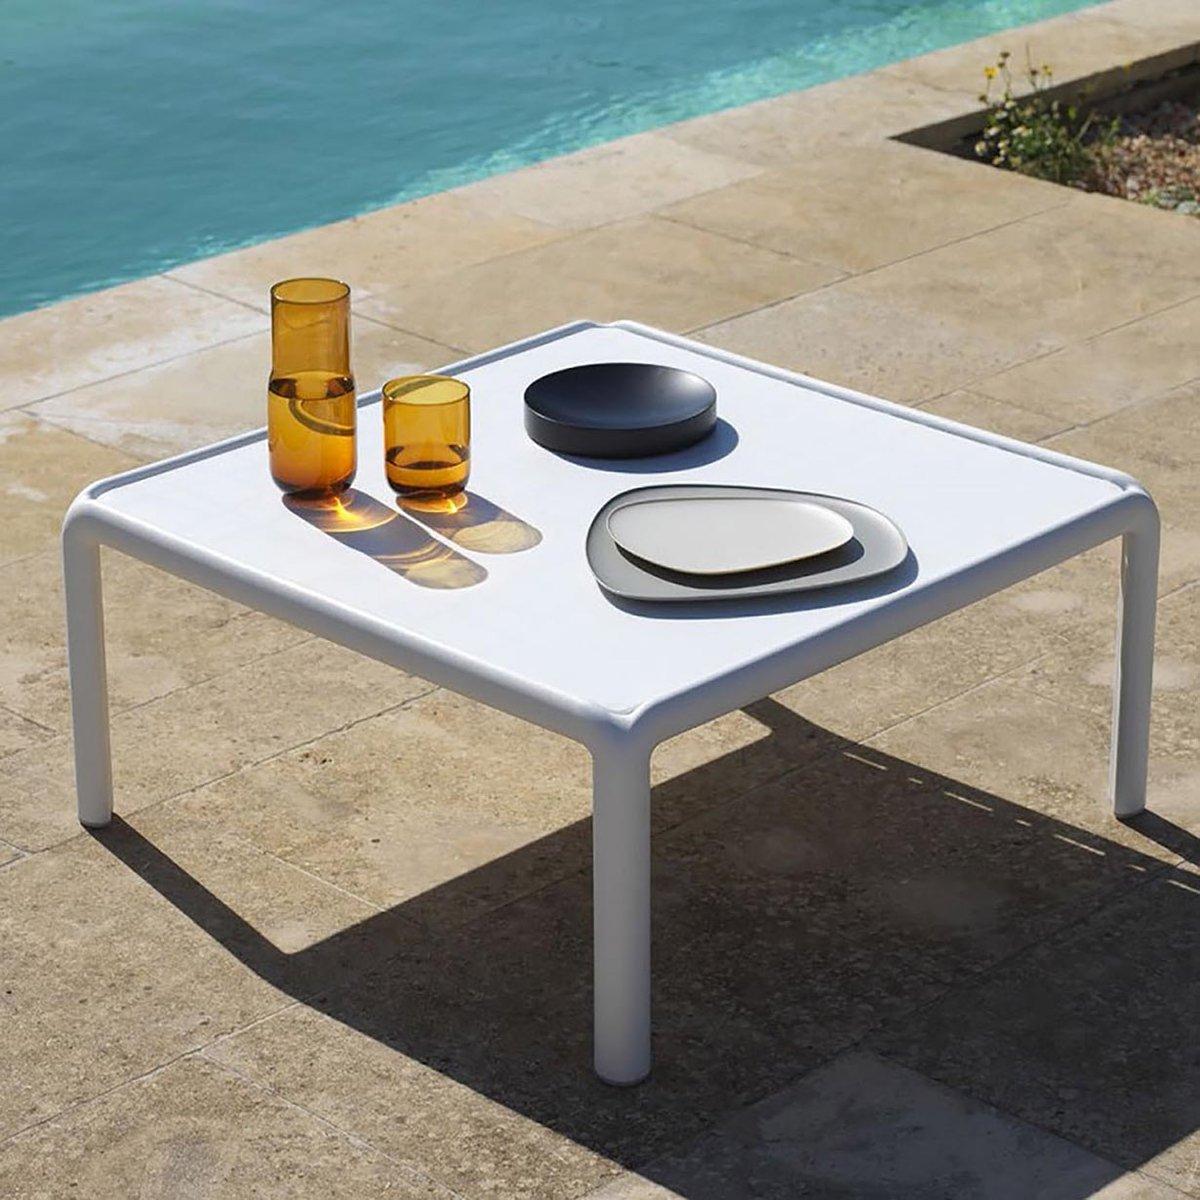 Komodo Outdoor Coffee Table